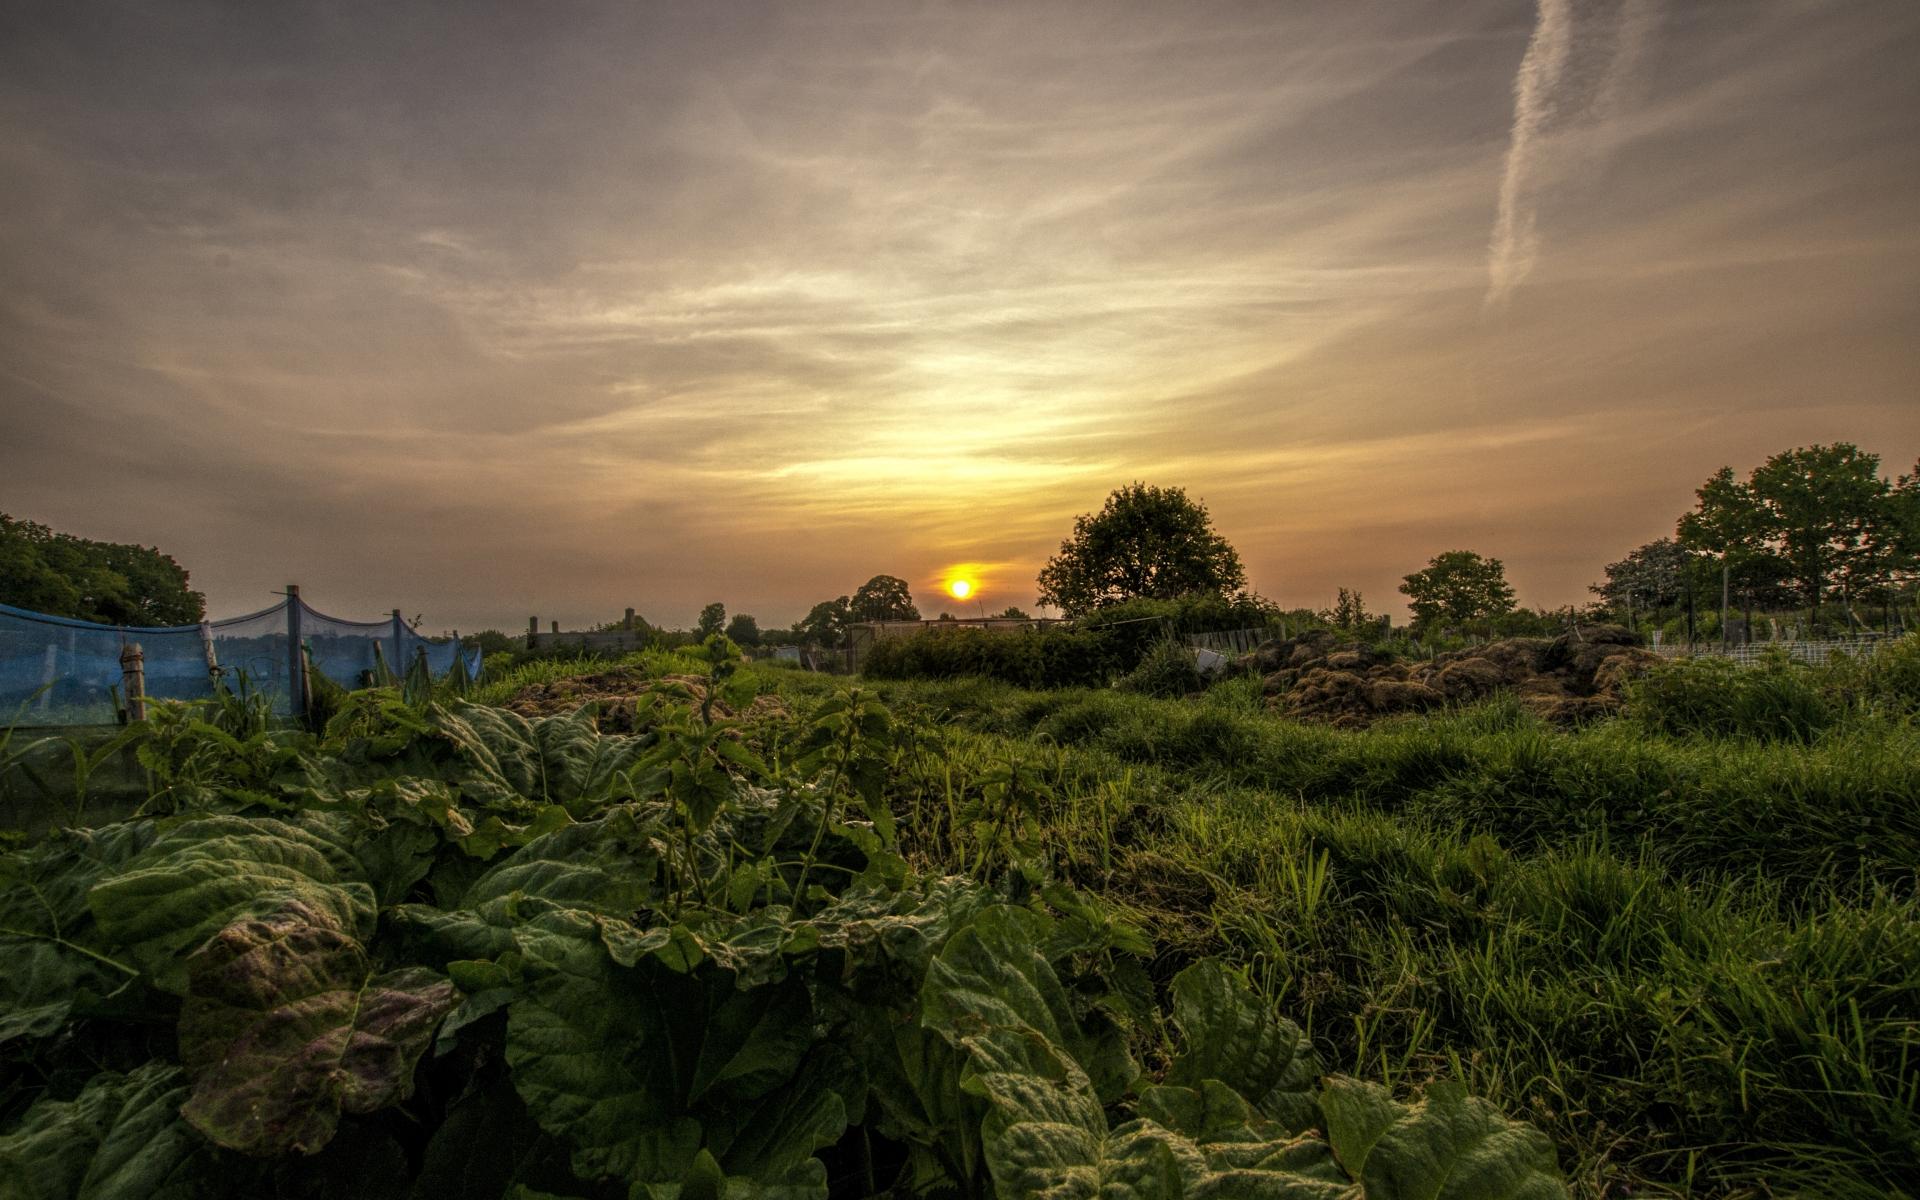 Puesta de sol en el campo - 1920x1200